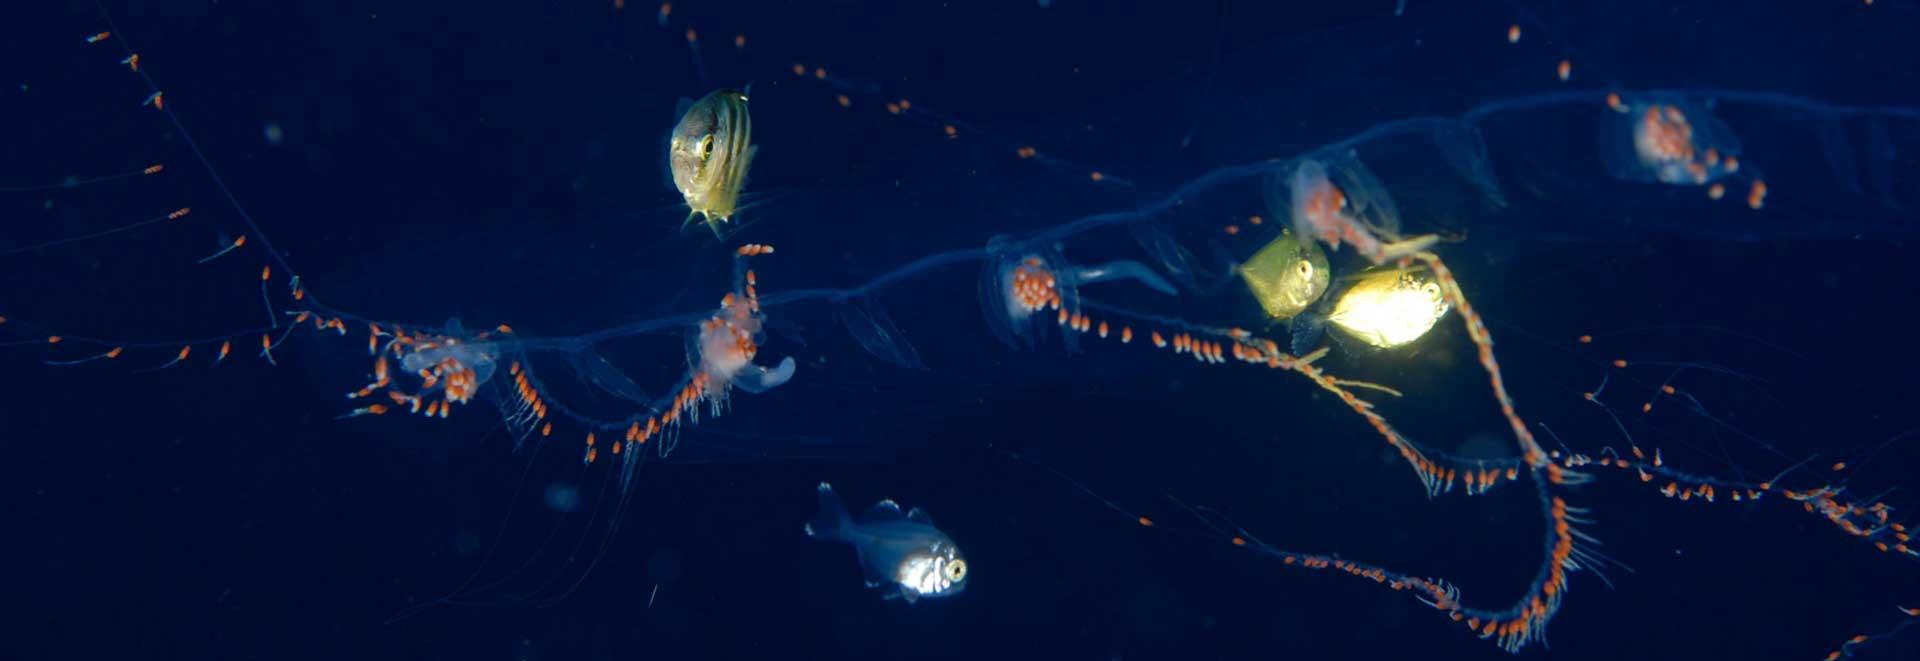 sardine-run-shark-diving-adventures-contact